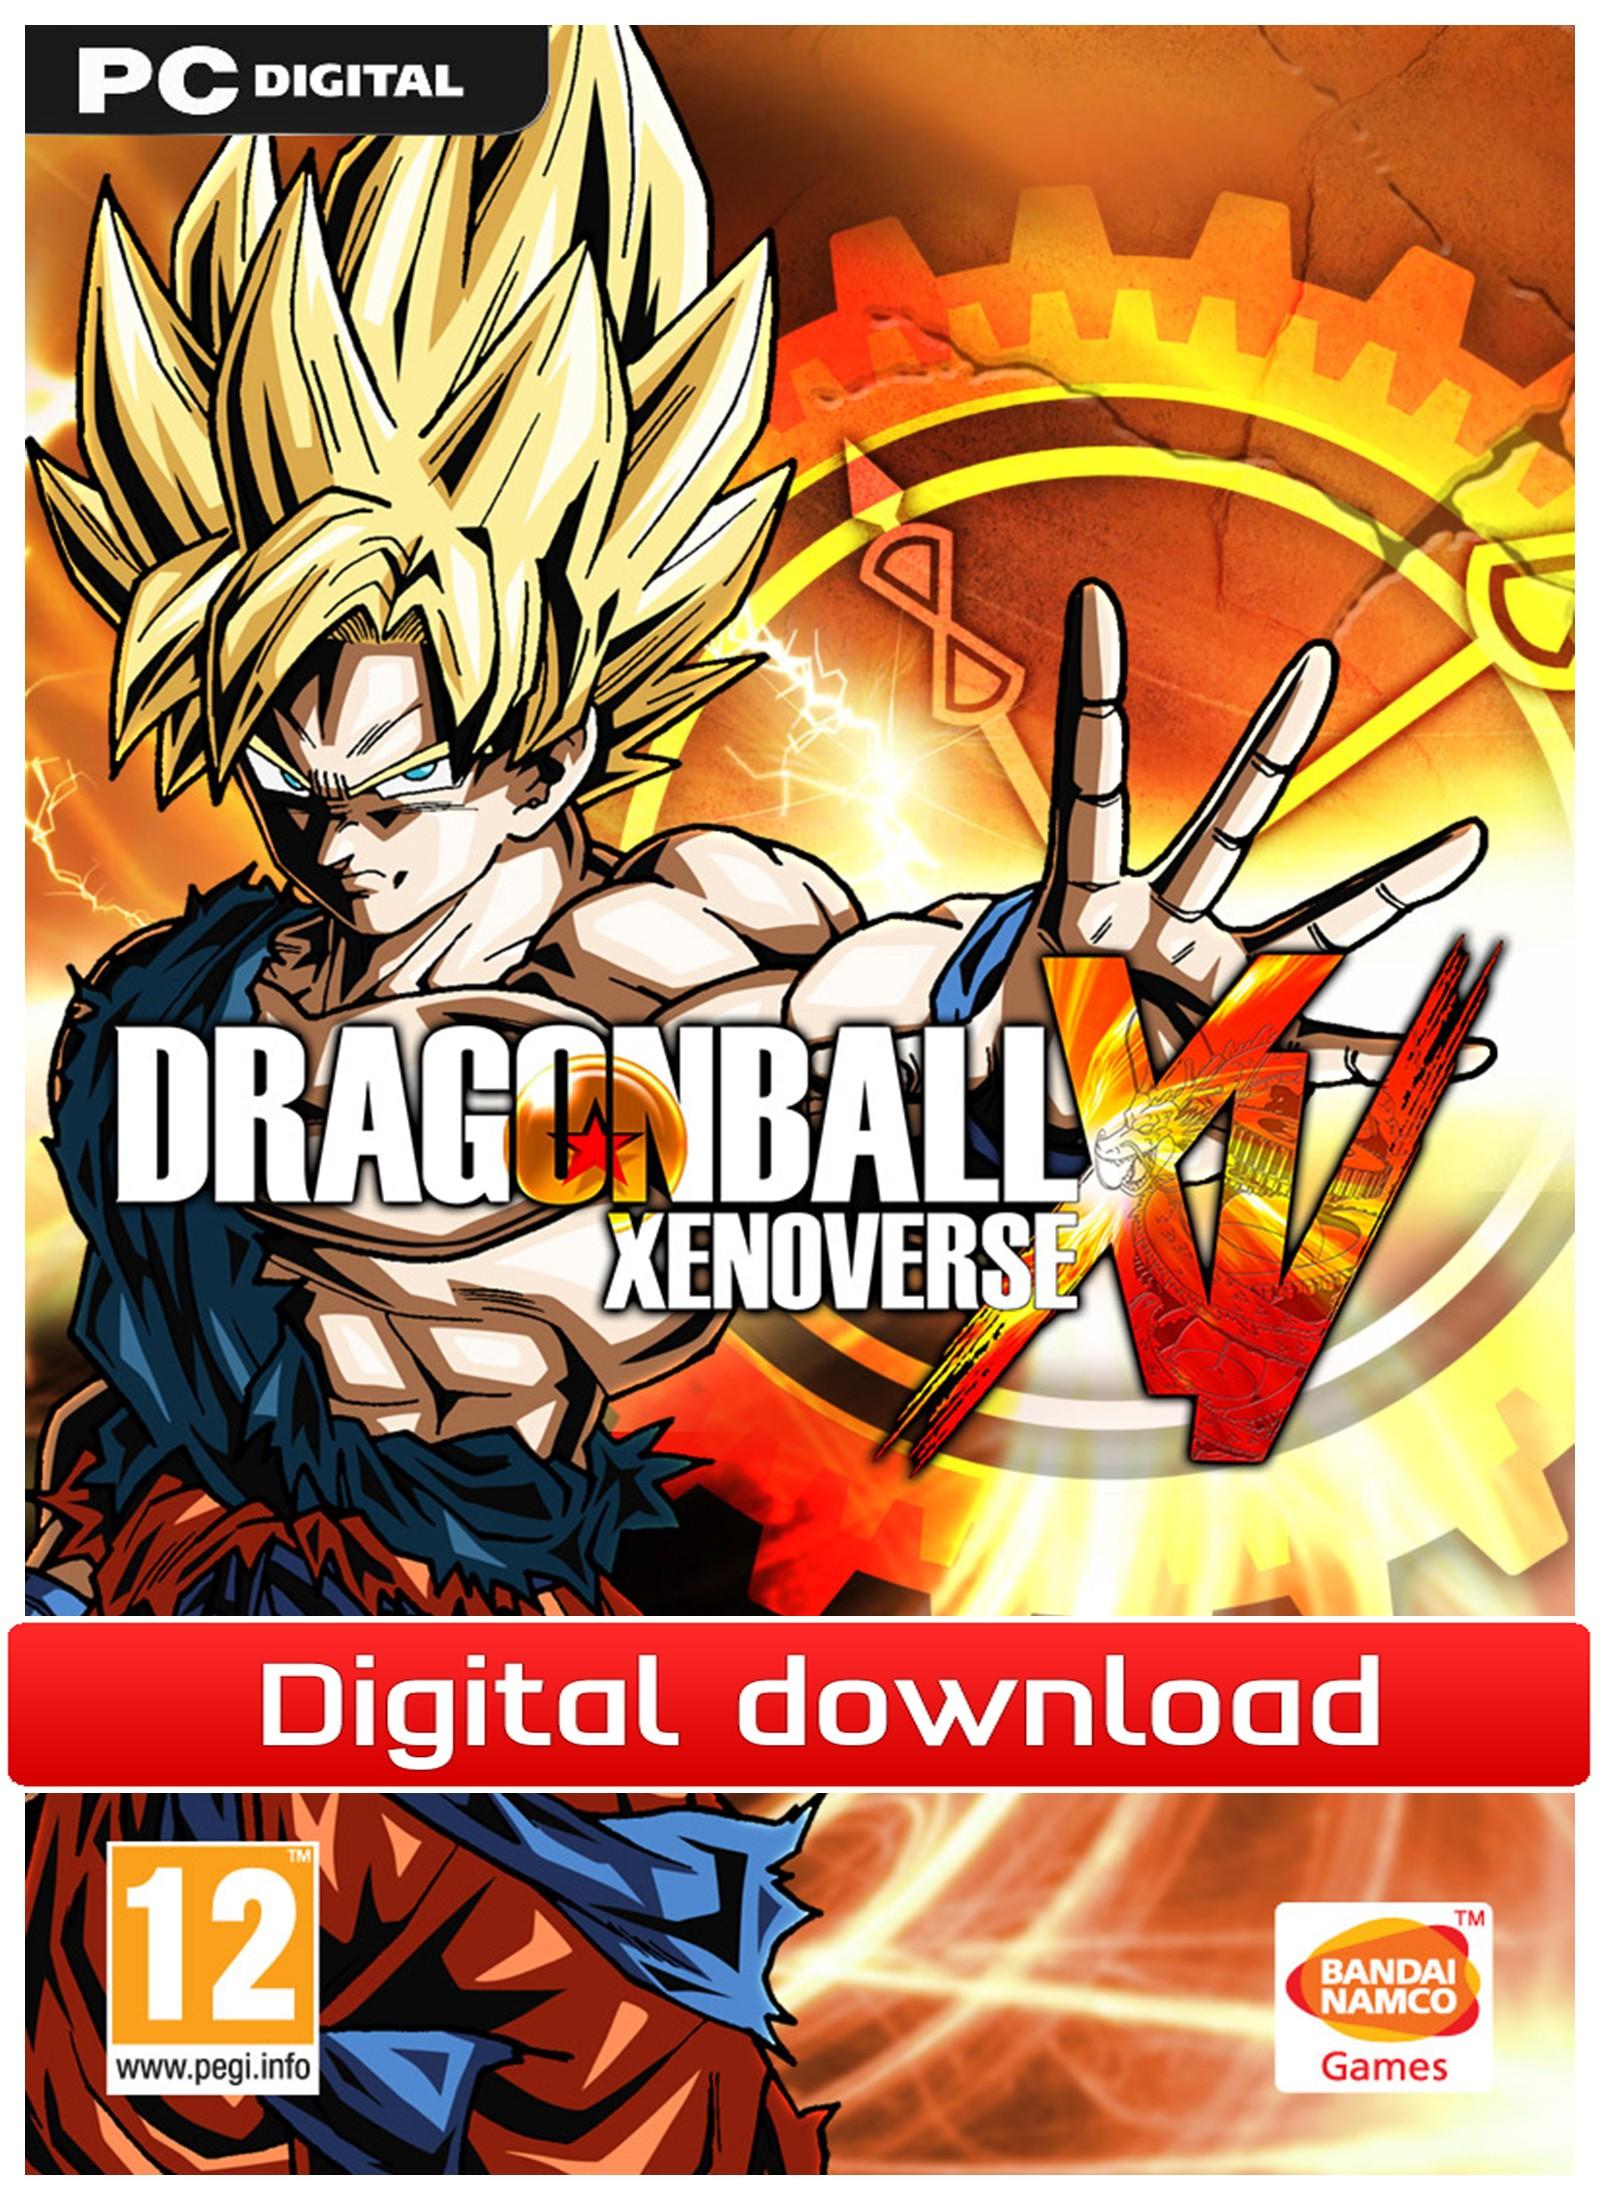 Dragonball Xenoverse Bundle (PC nedlastning) PCDD36812